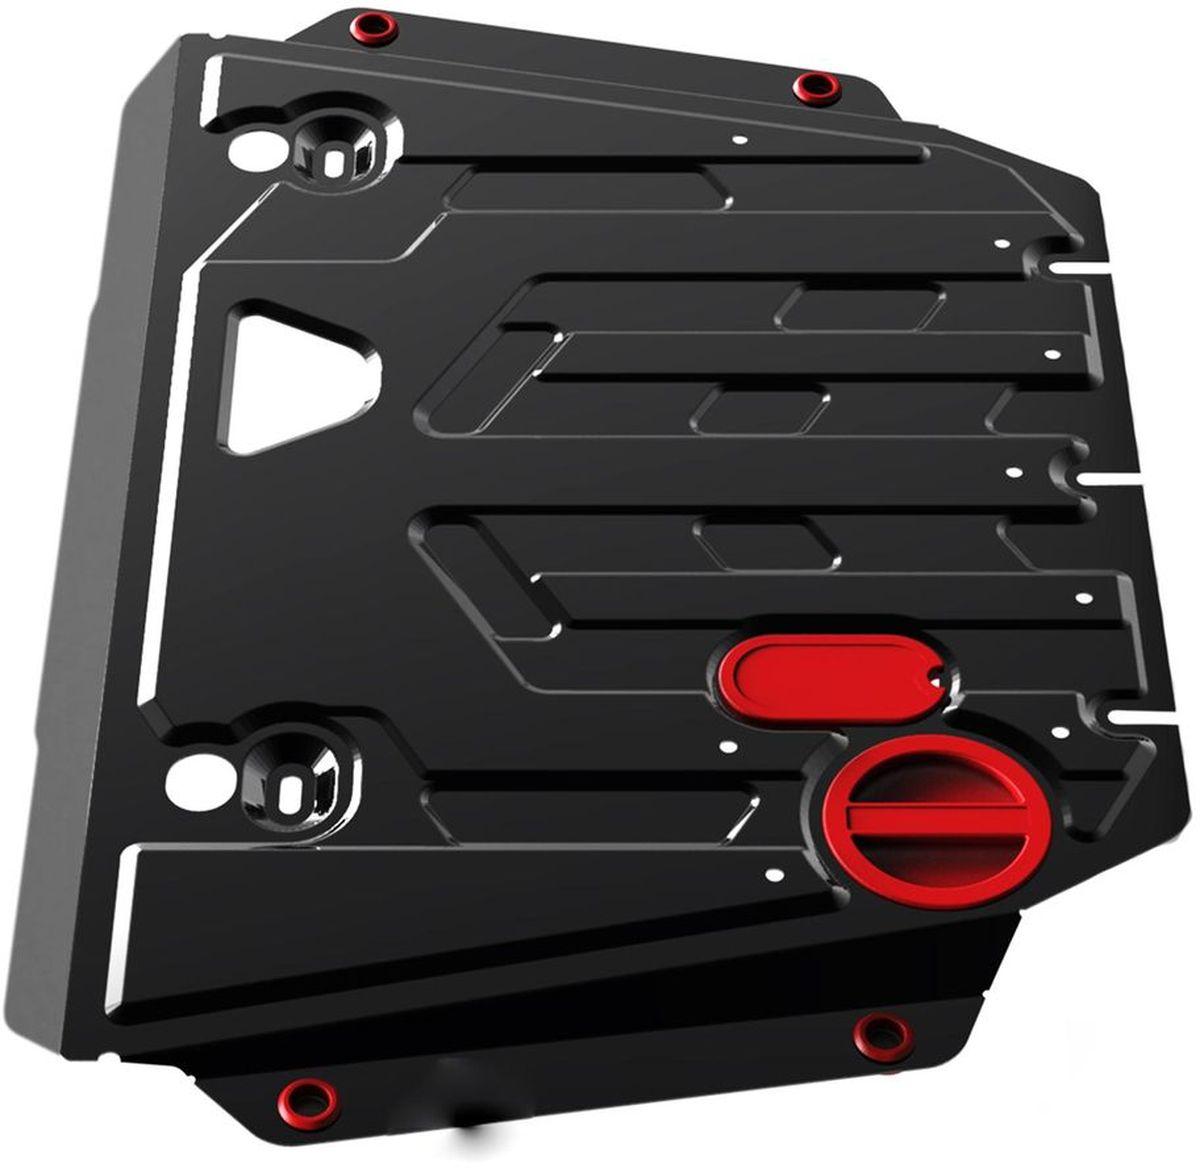 Защита картера Автоброня Lexus GX 460 2009-/Toyota LC150 2009-, часть 1 , сталь 2 мм111.05783.1Защита картера Автоброня для Lexus GX 460, V - 4,6 2009-/Toyota LC150, V - 2,7; 3,0TD; 4,0; 2,8TD 2009-, часть 1, сталь 2 мм, комплект крепежа, 111.05783.1Дополнительно можно приобрести другие защитные элементы из комплекта: защита картера ч.2 - 111.05784.1, защита КПП и РК - 111.05785.1Стальные защиты Автоброня надежно защищают ваш автомобиль от повреждений при наезде на бордюры, выступающие канализационные люки, кромки поврежденного асфальта или при ремонте дорог, не говоря уже о загородных дорогах.- Имеют оптимальное соотношение цена-качество.- Спроектированы с учетом особенностей автомобиля, что делает установку удобной.- Защита устанавливается в штатные места кузова автомобиля.- Является надежной защитой для важных элементов на протяжении долгих лет.- Глубокий штамп дополнительно усиливает конструкцию защиты.- Подштамповка в местах крепления защищает крепеж от срезания.- Технологические отверстия там, где они необходимы для смены масла и слива воды, оборудованные заглушками, закрепленными на защите.Толщина стали 2 мм.В комплекте крепеж и инструкция по установке.Уважаемые клиенты!Обращаем ваше внимание на тот факт, что защита имеет форму, соответствующую модели данного автомобиля. Наличие глубокого штампа и лючков для смены фильтров/масла предусмотрено не на всех защитах. Фото служит для визуального восприятия товара.